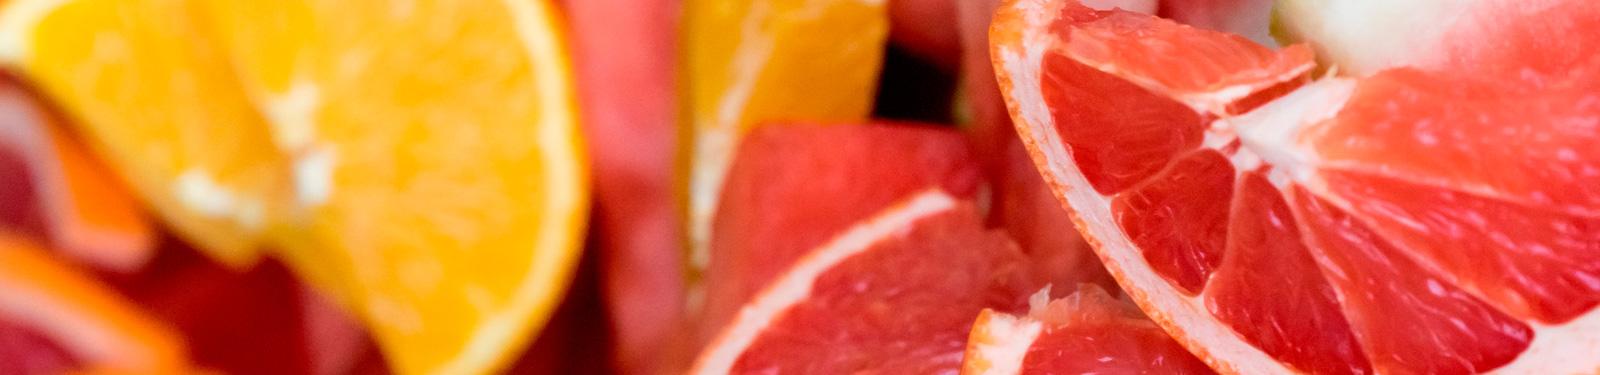 los jugos son mejores que las frutas